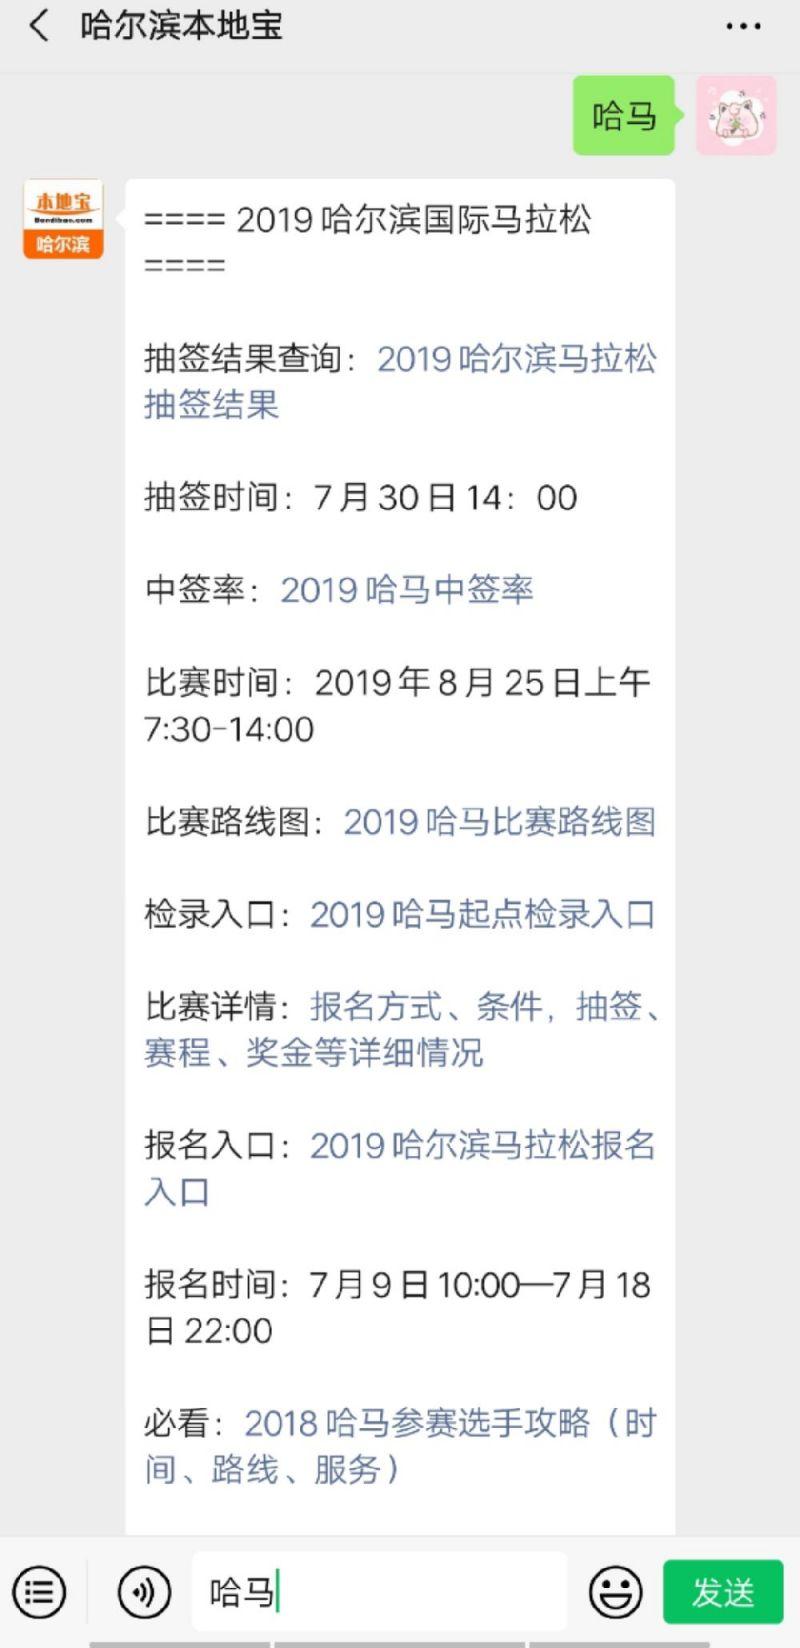 2019哈尔滨马拉松比赛路线图